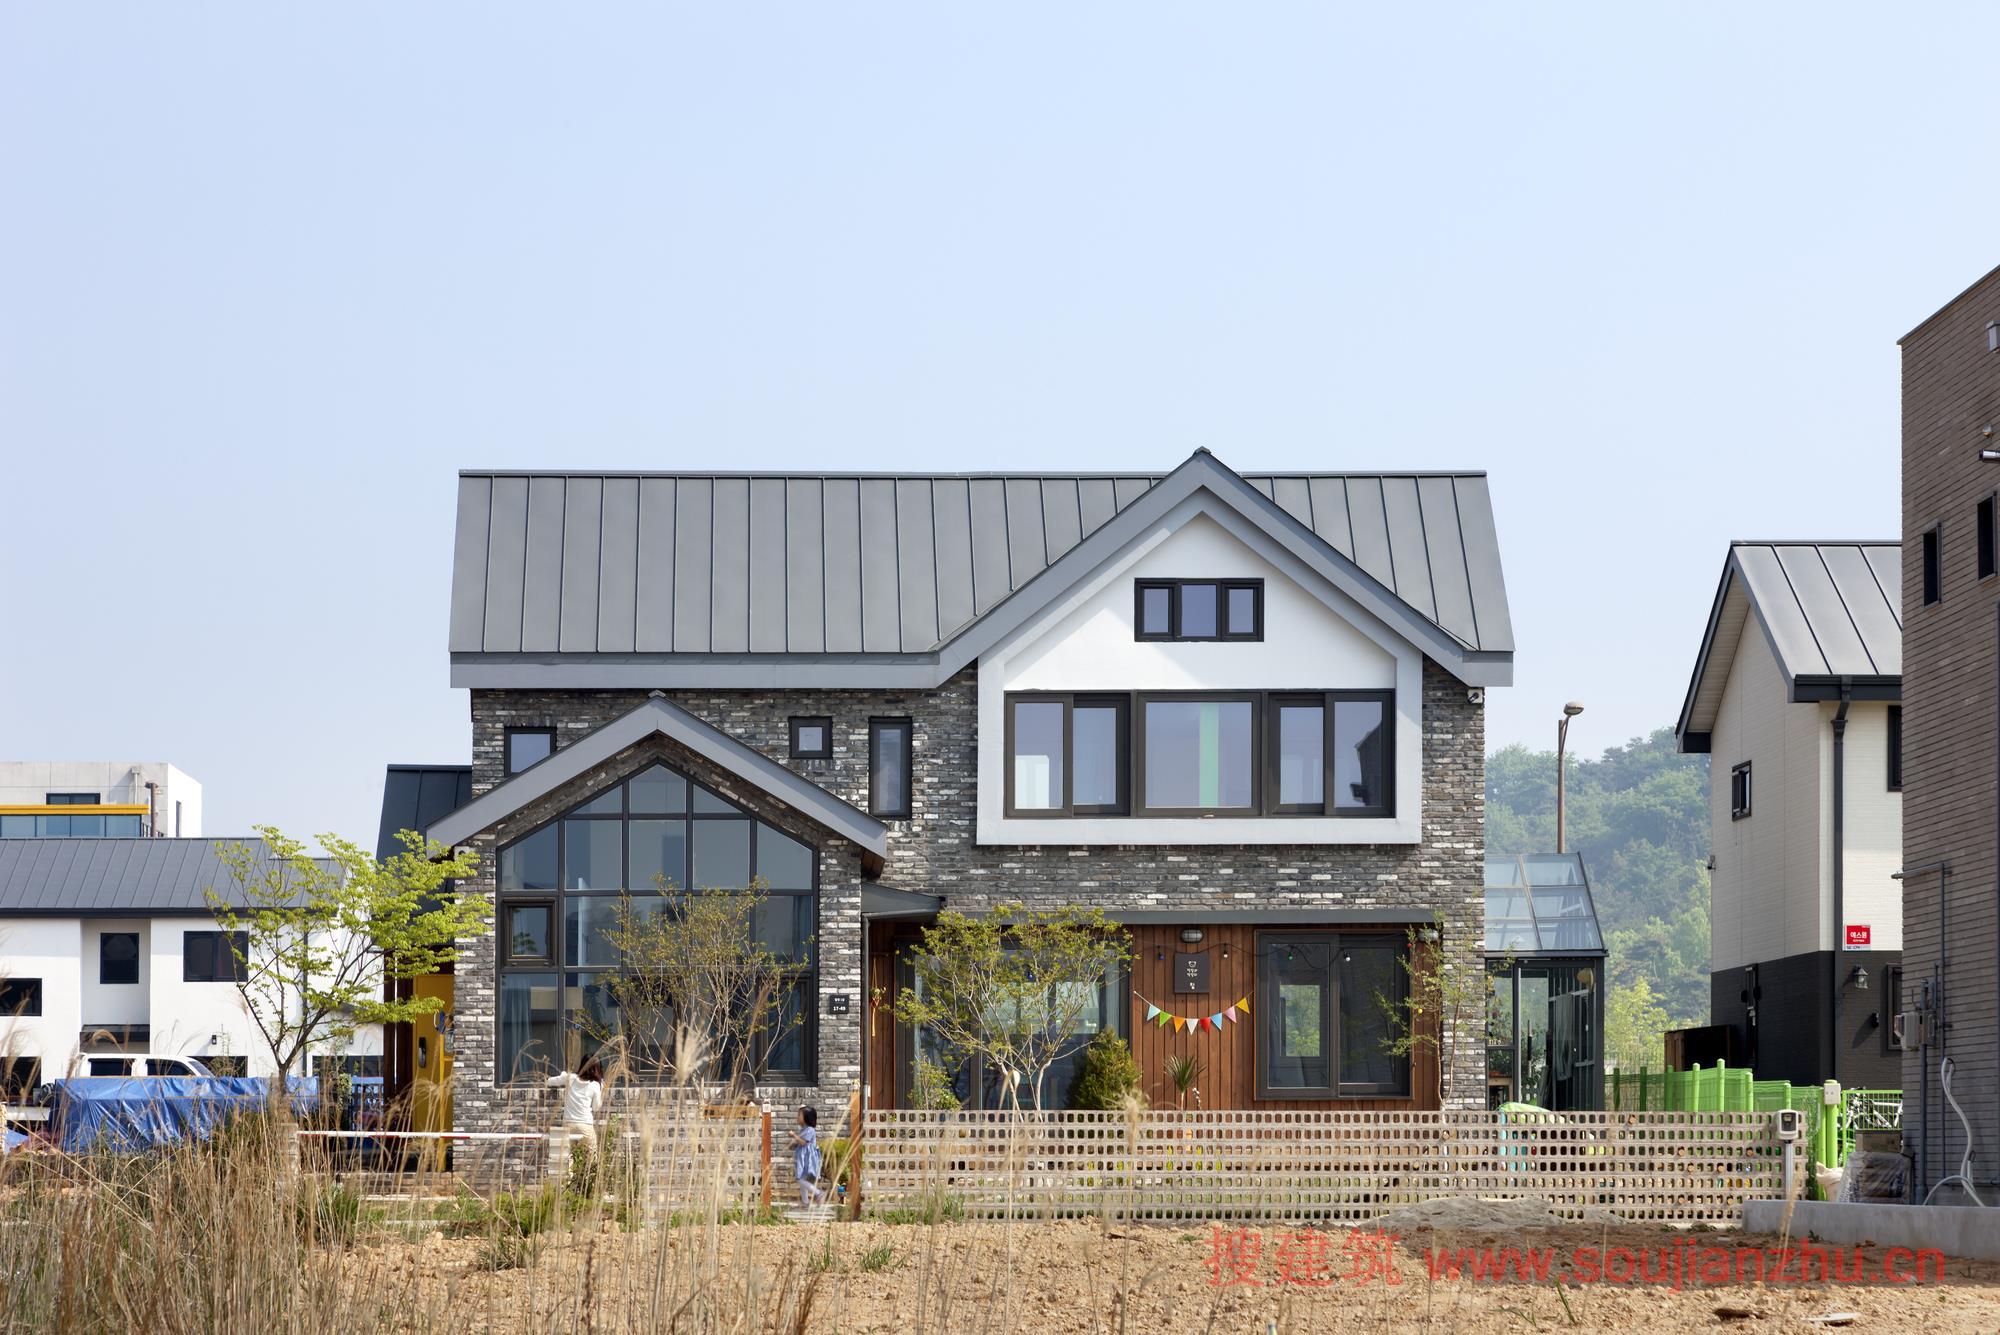 建筑师:studio_GAON 地点:韩国 面积:130平方米 年份:2017  该项目是一个典型的四口之家的住所:文静而又有魅力的父亲是掌权人,喜欢笑又开朗母亲和两个精力充沛的孩子。   该项目坐落在历史名城罗州,兴盛于过去,但它是一个以农业为基础的城市。最近很多公共公司正在搬迁总部,推广新房和商业设施,从而改变了城市的气氛。原来居住在首尔的一套公寓,父亲的公司搬迁后,全家不得不搬到这个城市。   该地块是规划中的最重要的地段之一,与当地历史或传统无关,建在以前是稻田和农场的土地上。沿着人造街道的人为划